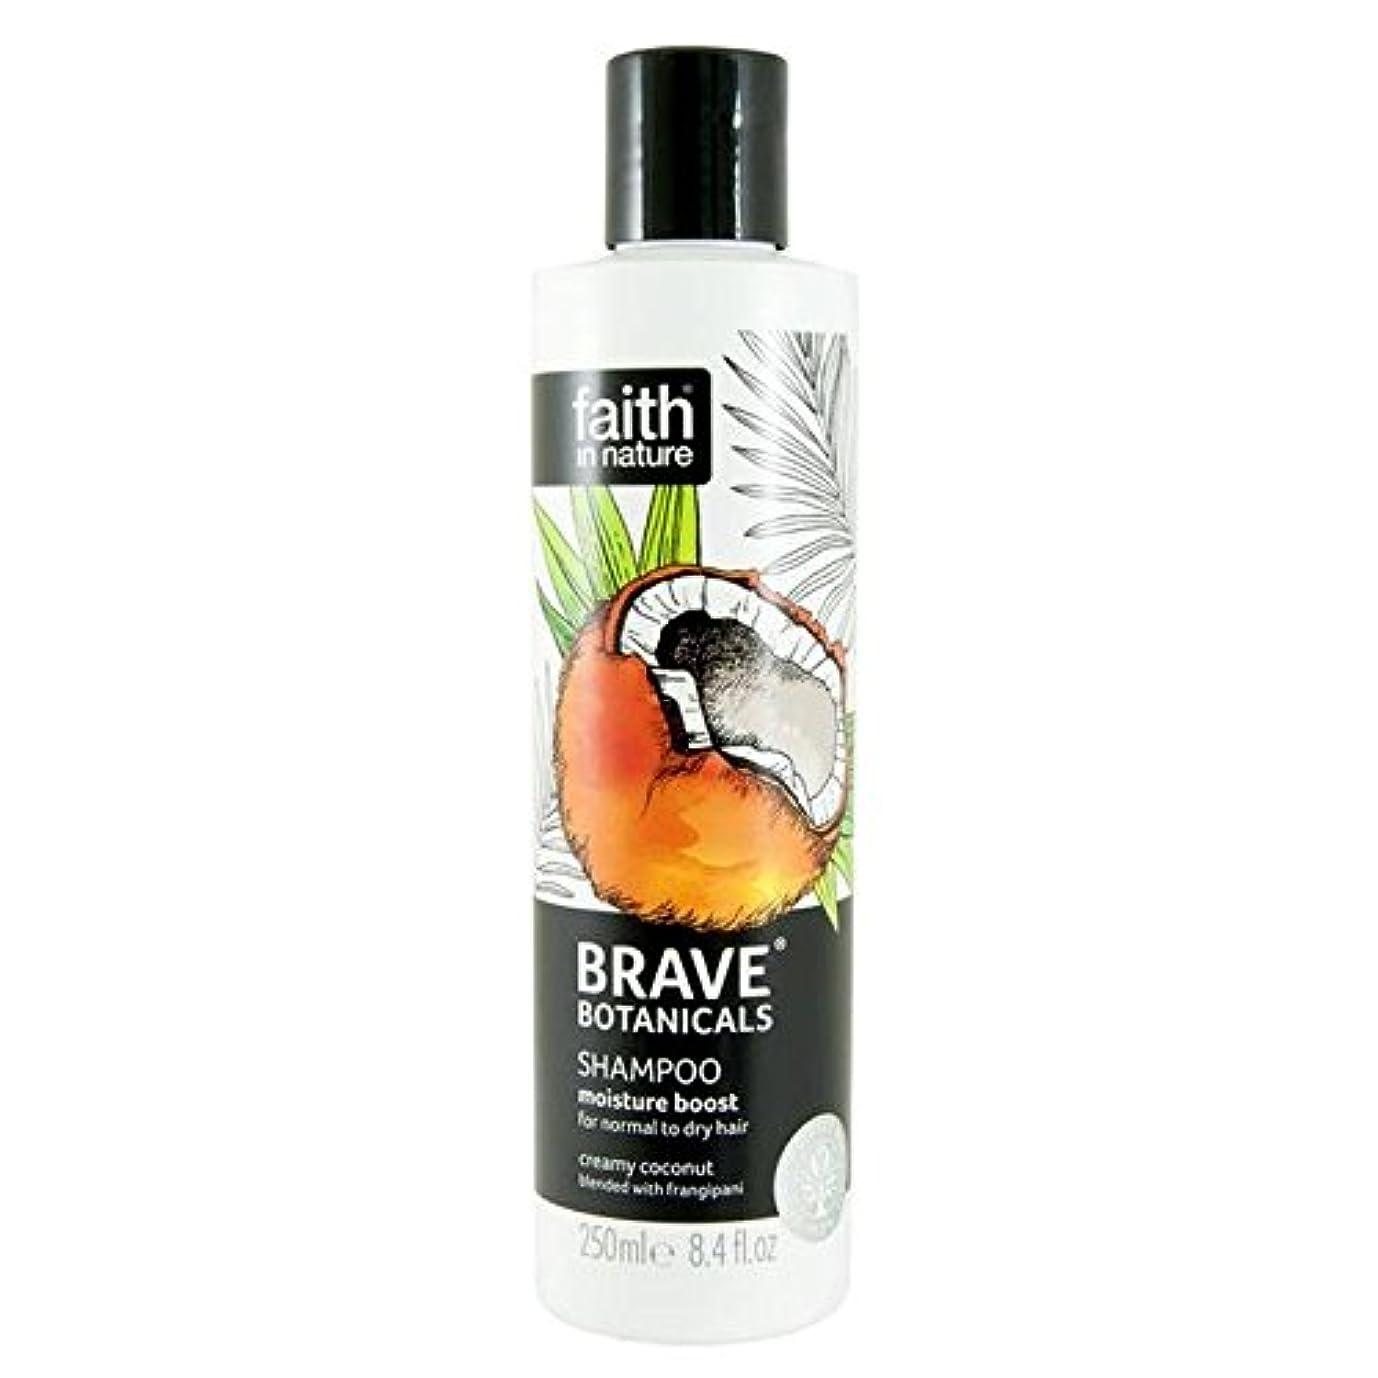 アンビエント委任する問い合わせるBrave Botanicals Coconut & Frangipani Moisture Boost Shampoo 250ml (Pack of 2) - (Faith In Nature) 勇敢な植物ココナッツ&プルメリア水分ブーストシャンプー250Ml (x2) [並行輸入品]